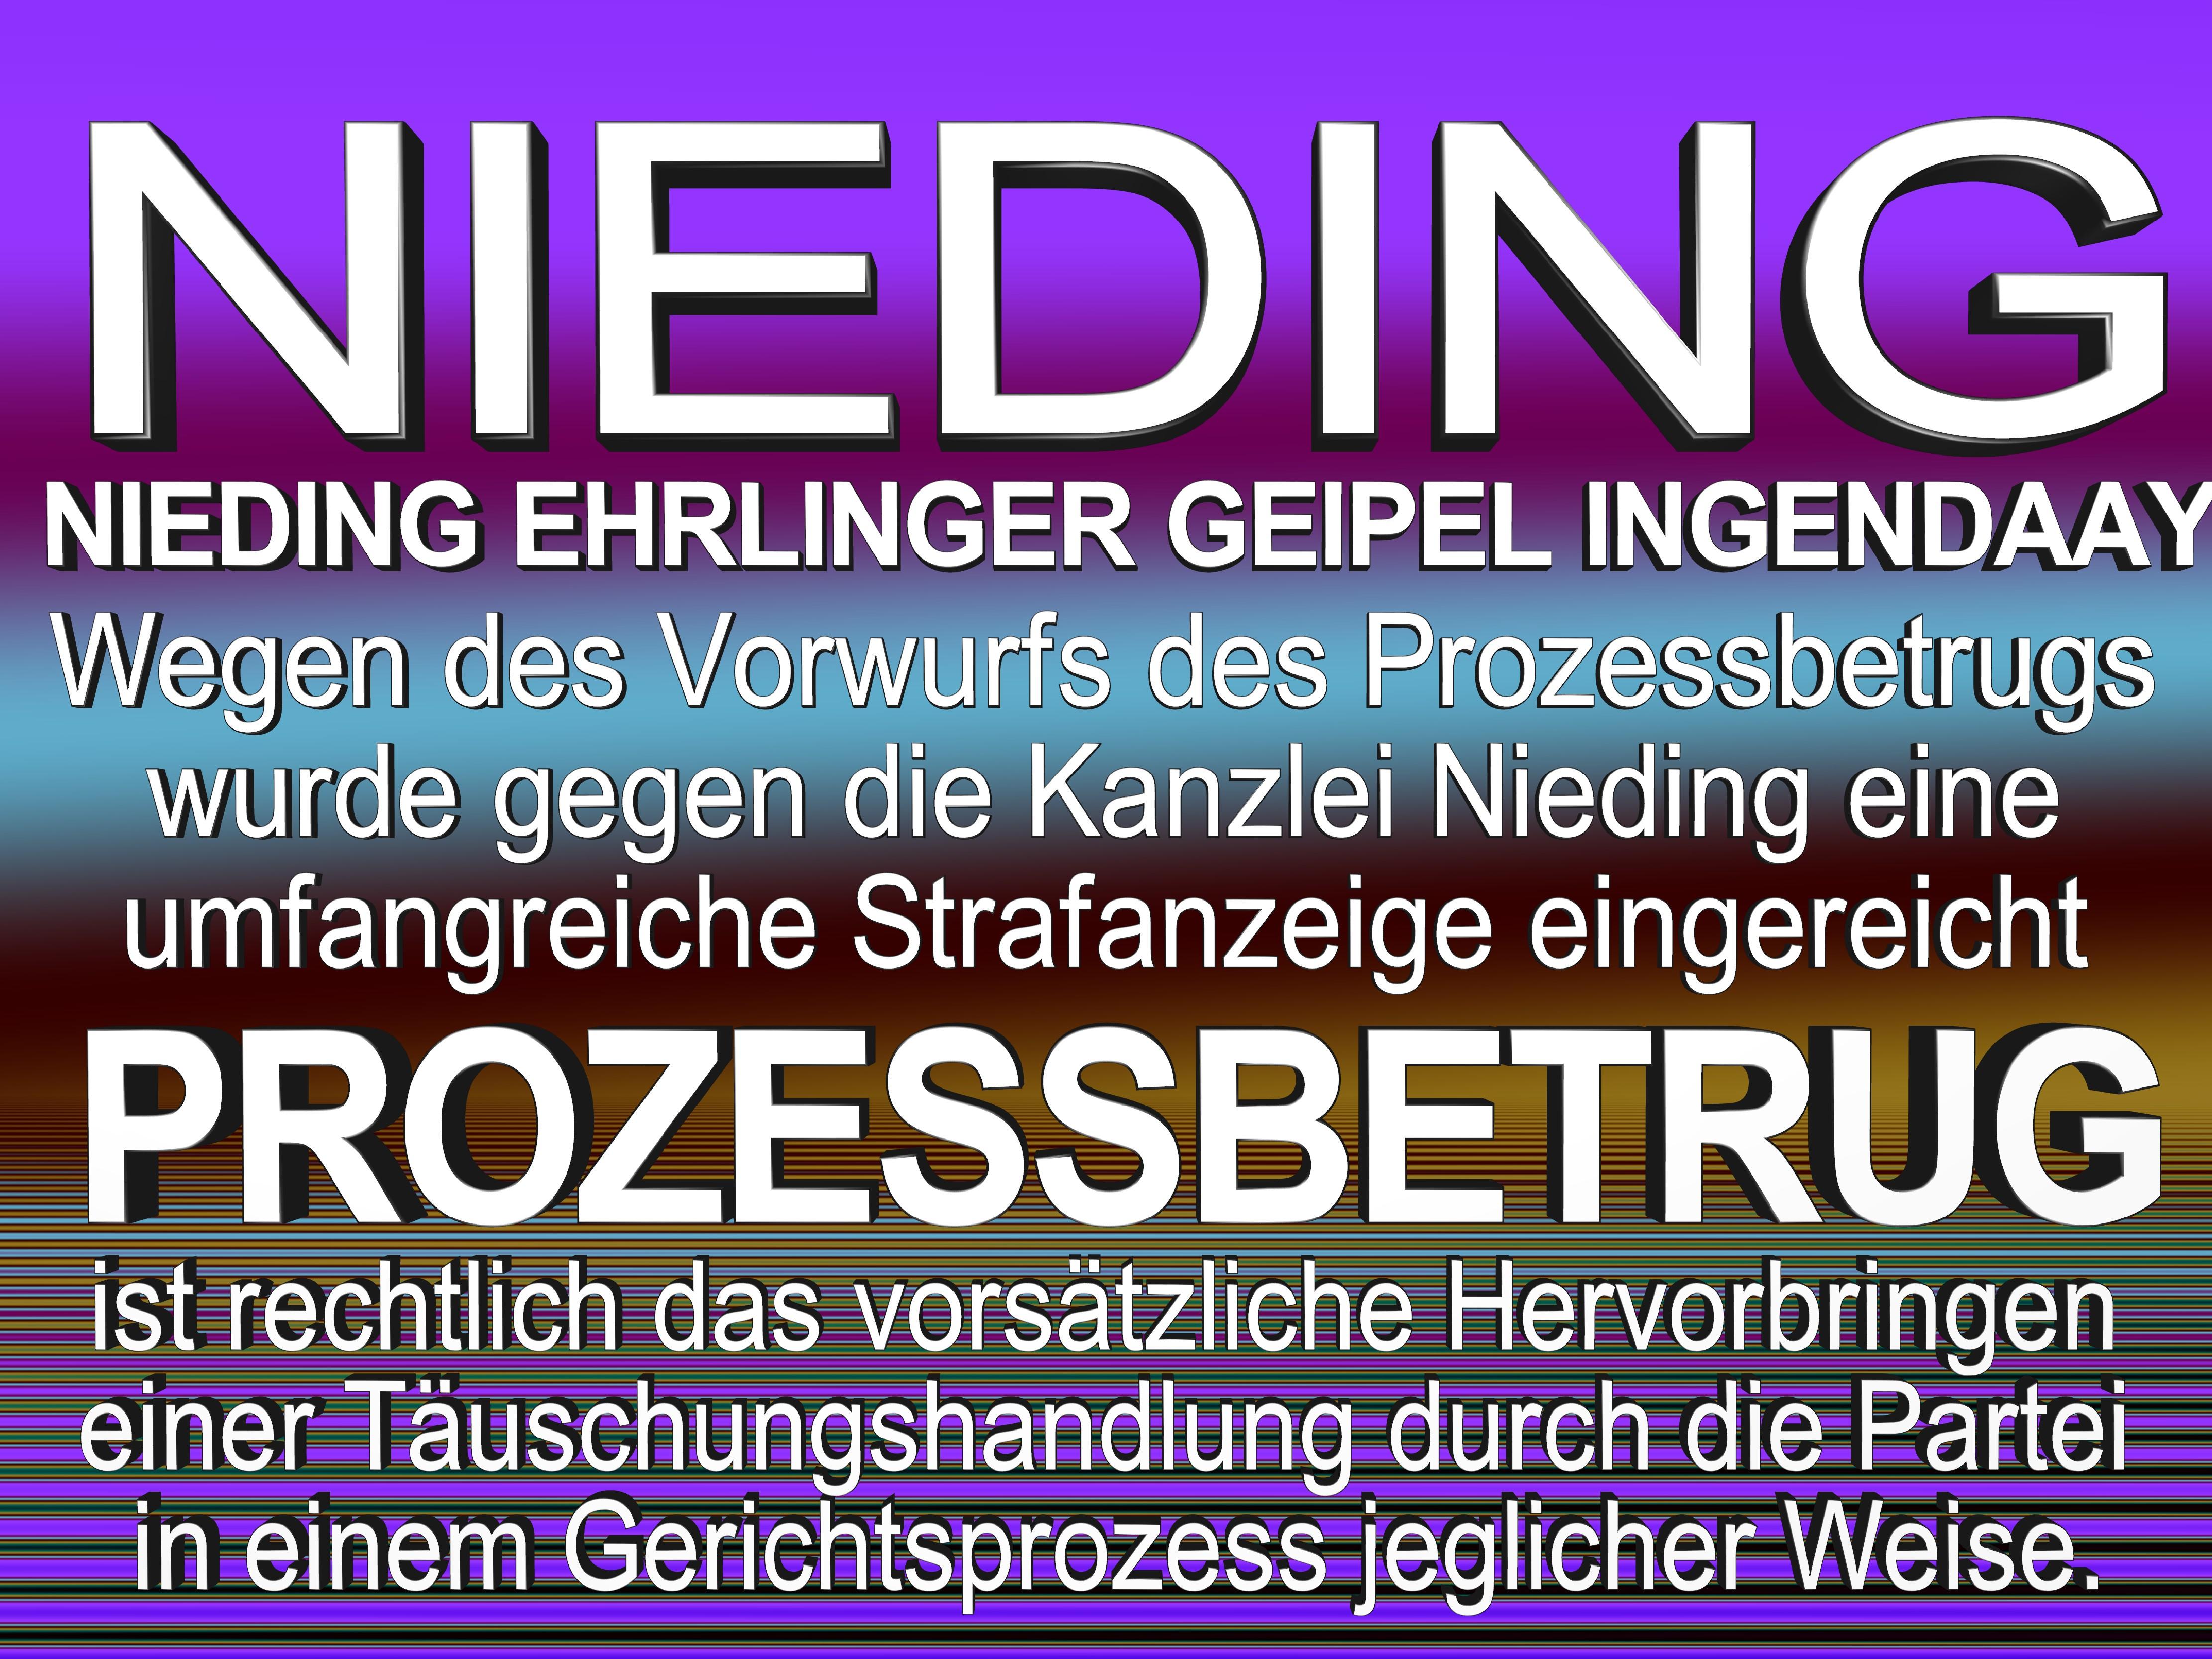 NIEDING EHRLINGER GEIPEL INGENDAAY LELKE Kurfürstendamm 66 Berlin (59)